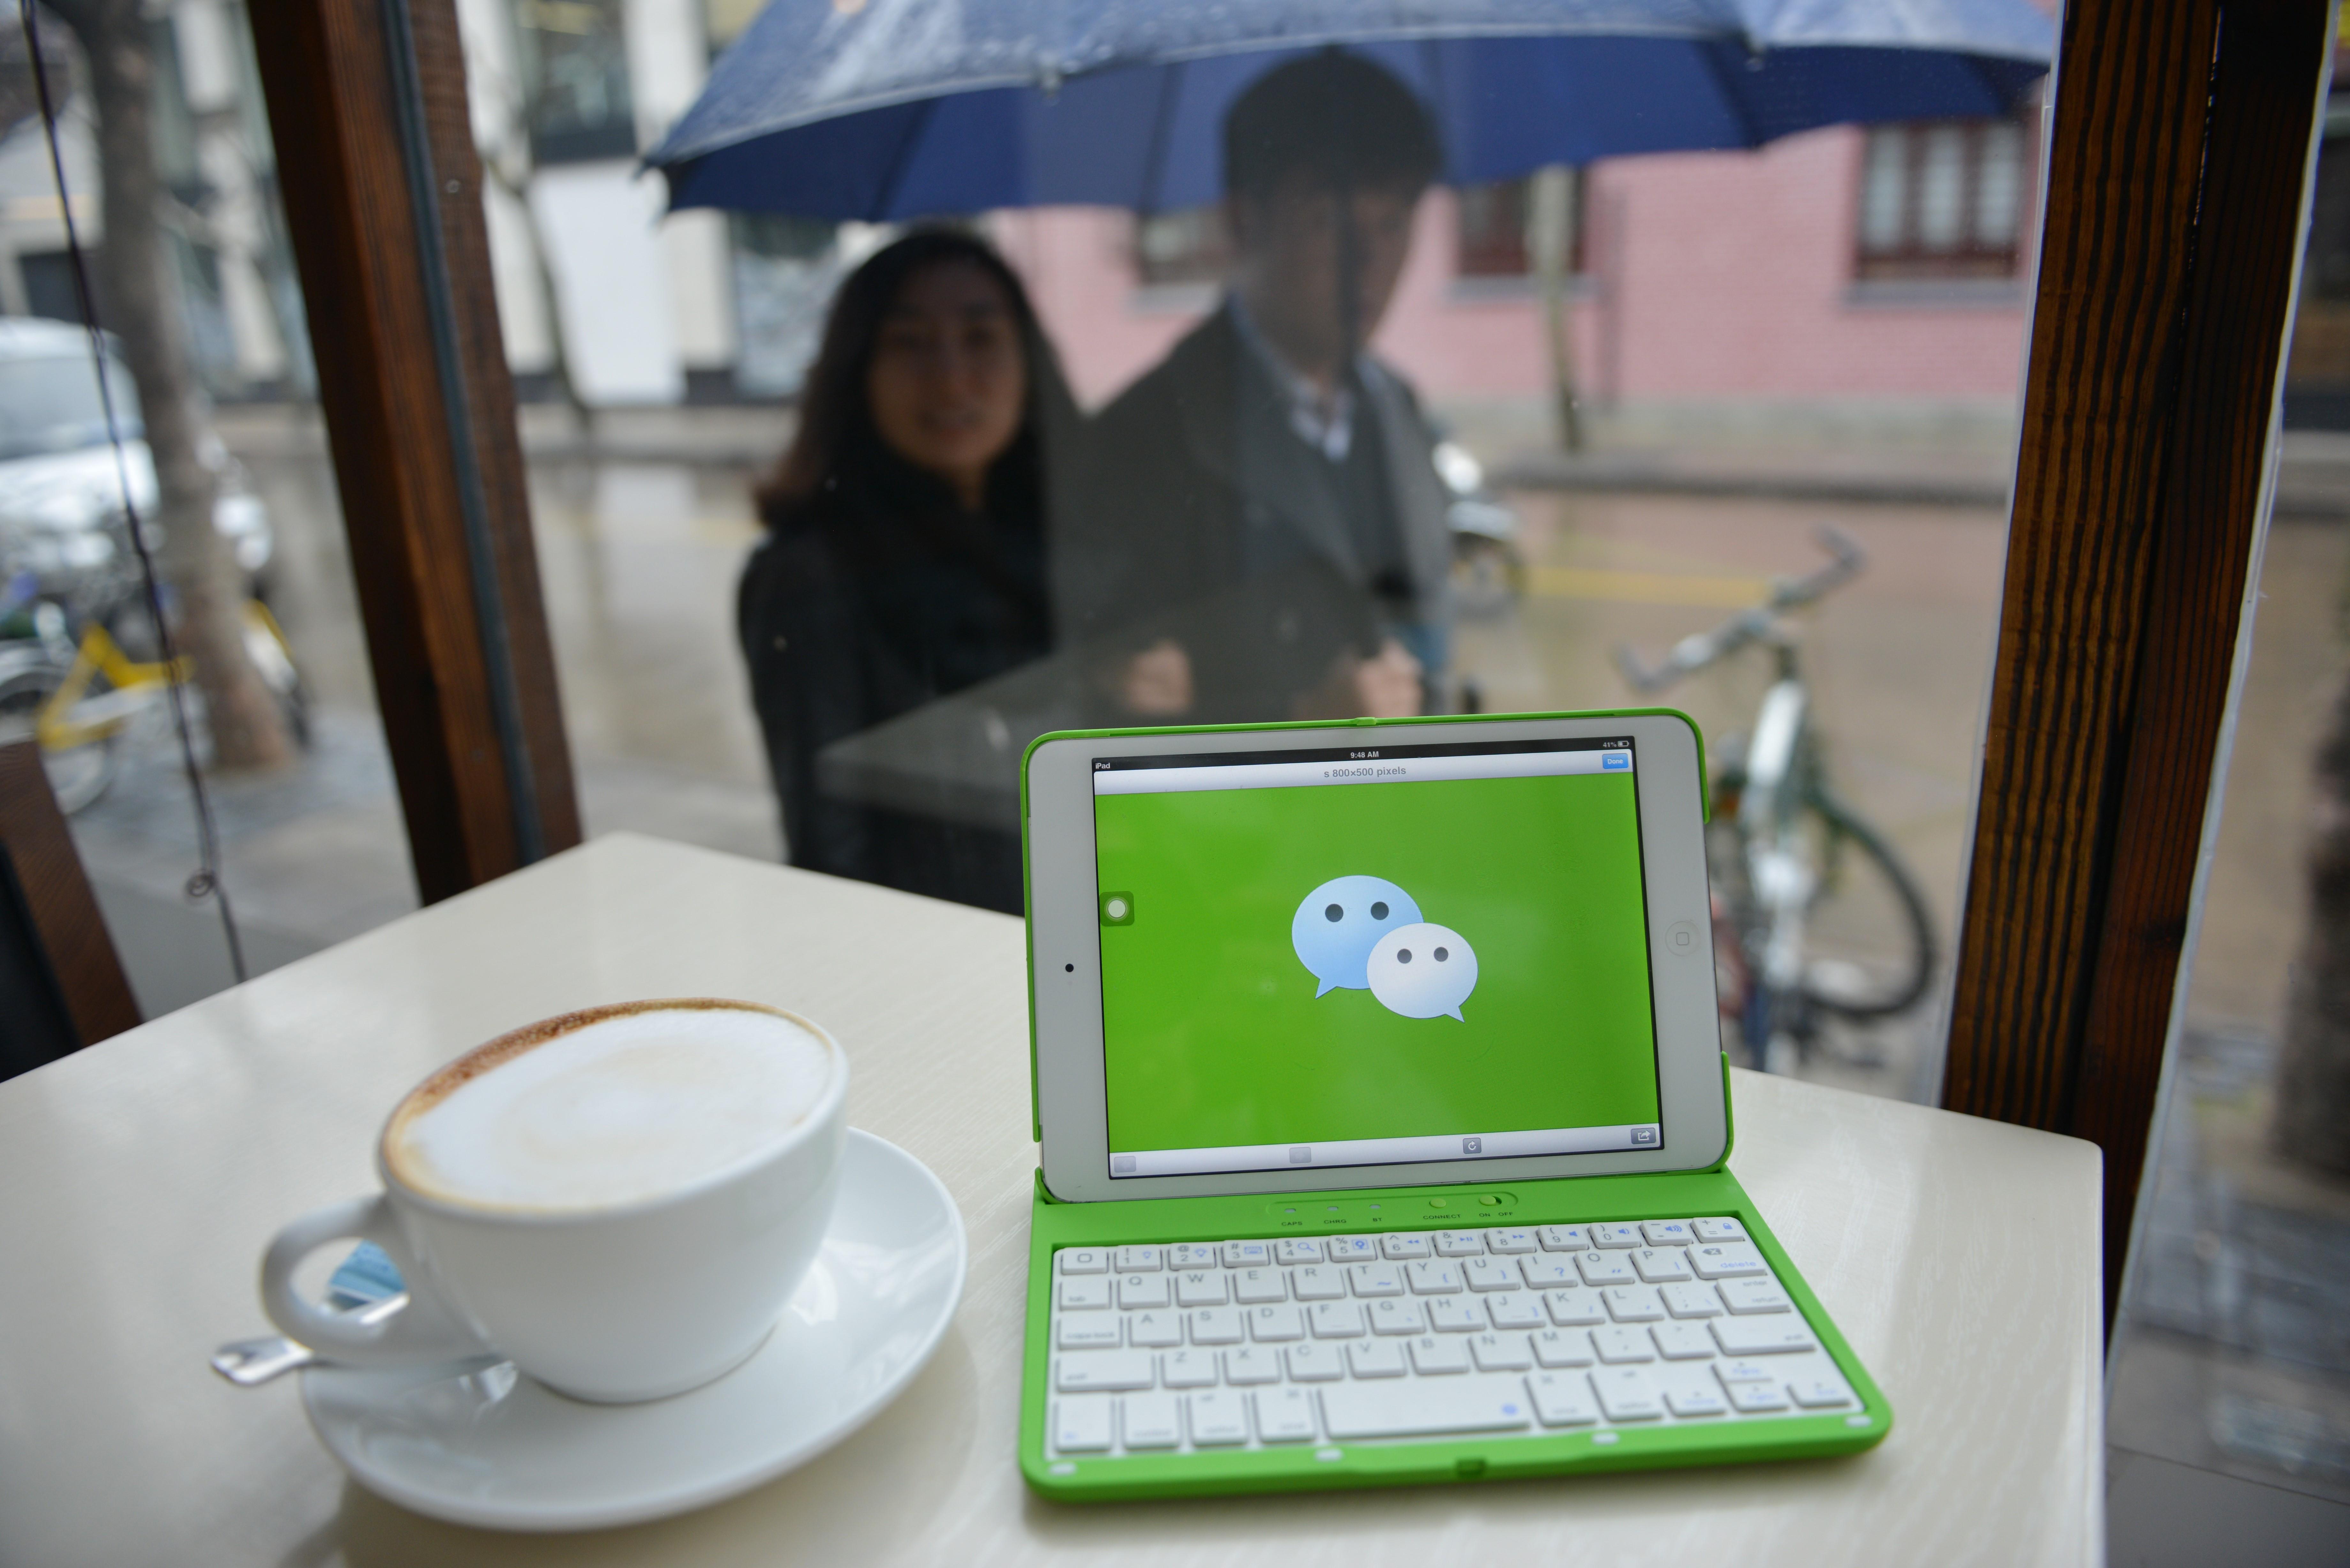 中國蟬聯網絡自由最糟國 不如古巴和伊朗